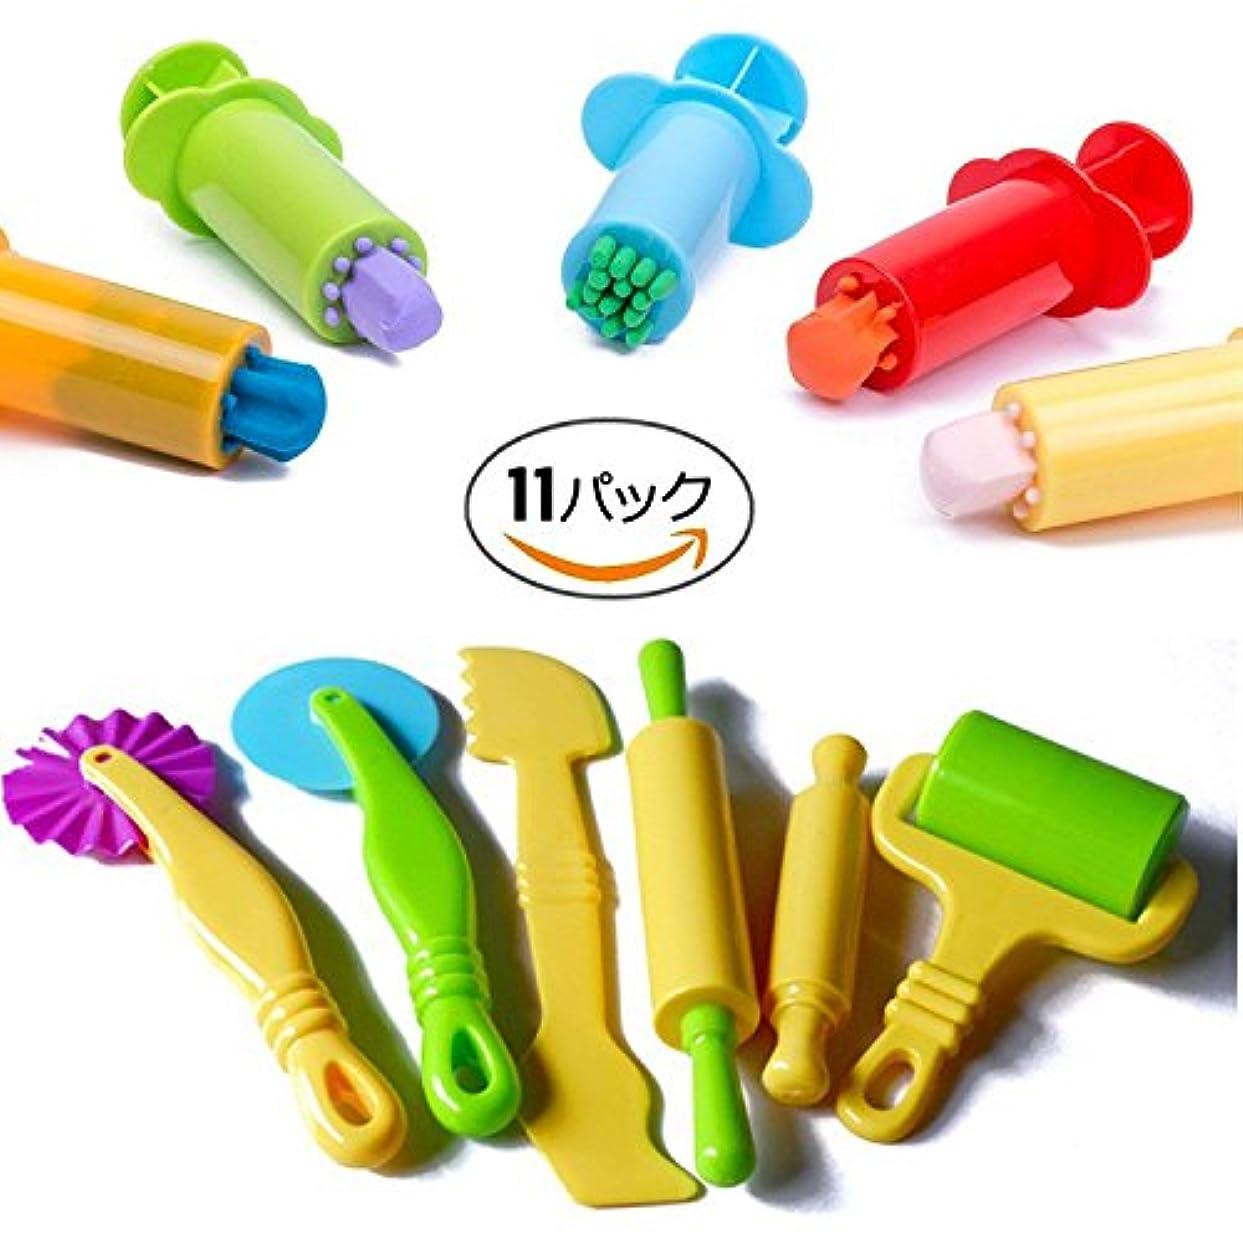 VΛ 11個ねんどのお道具セット ねんどツール 子ども用 こて工具モデル カラープレイ モデルツール 遊び 粘土ツール ランダム色